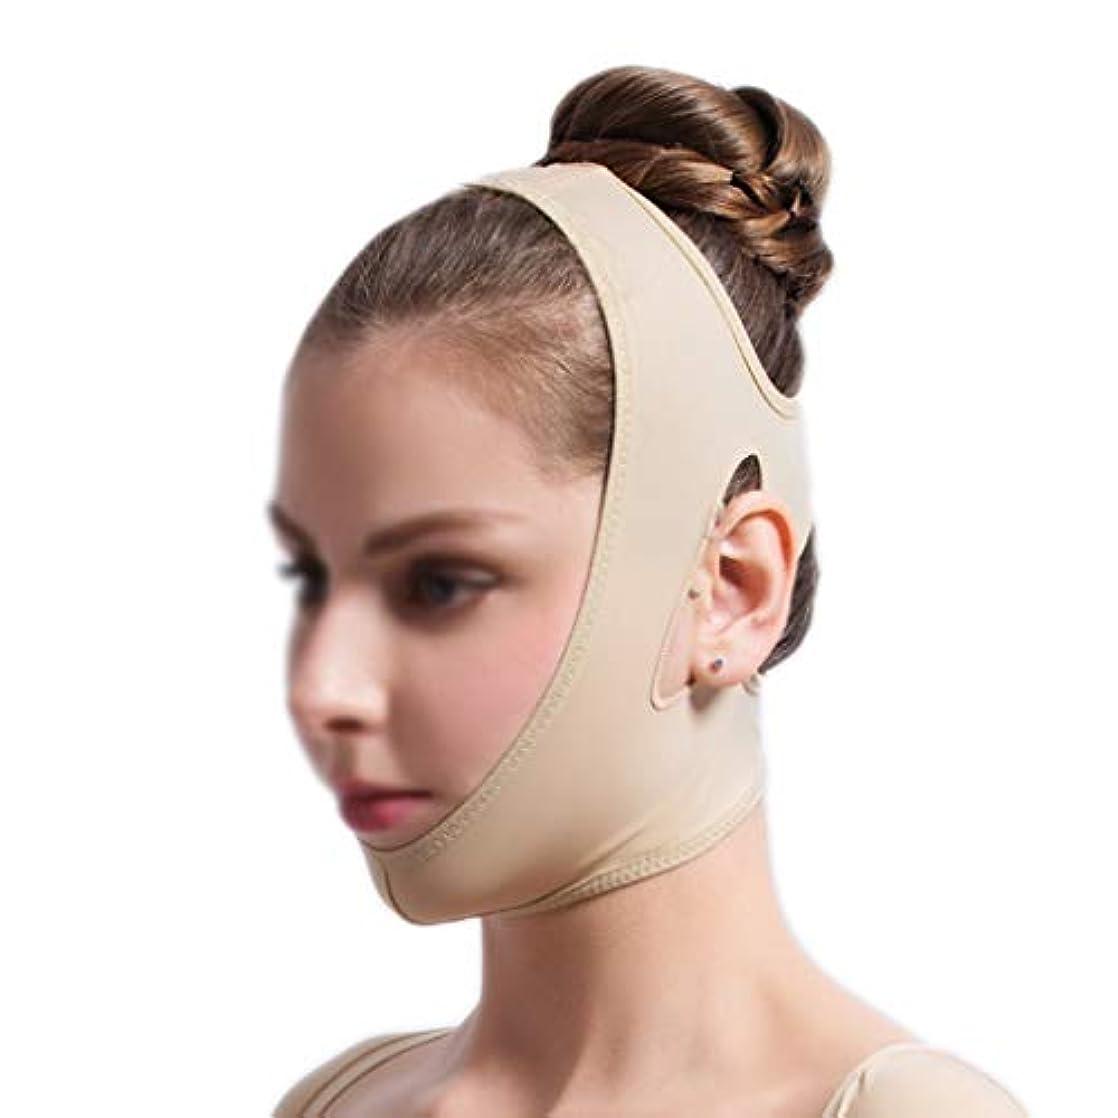 有効配偶者雇ったフェイスリフティング包帯、フェイシャル減量マスク、フェイシャルリフティング痩身ベルト、痩身頬マスク (Size : L)